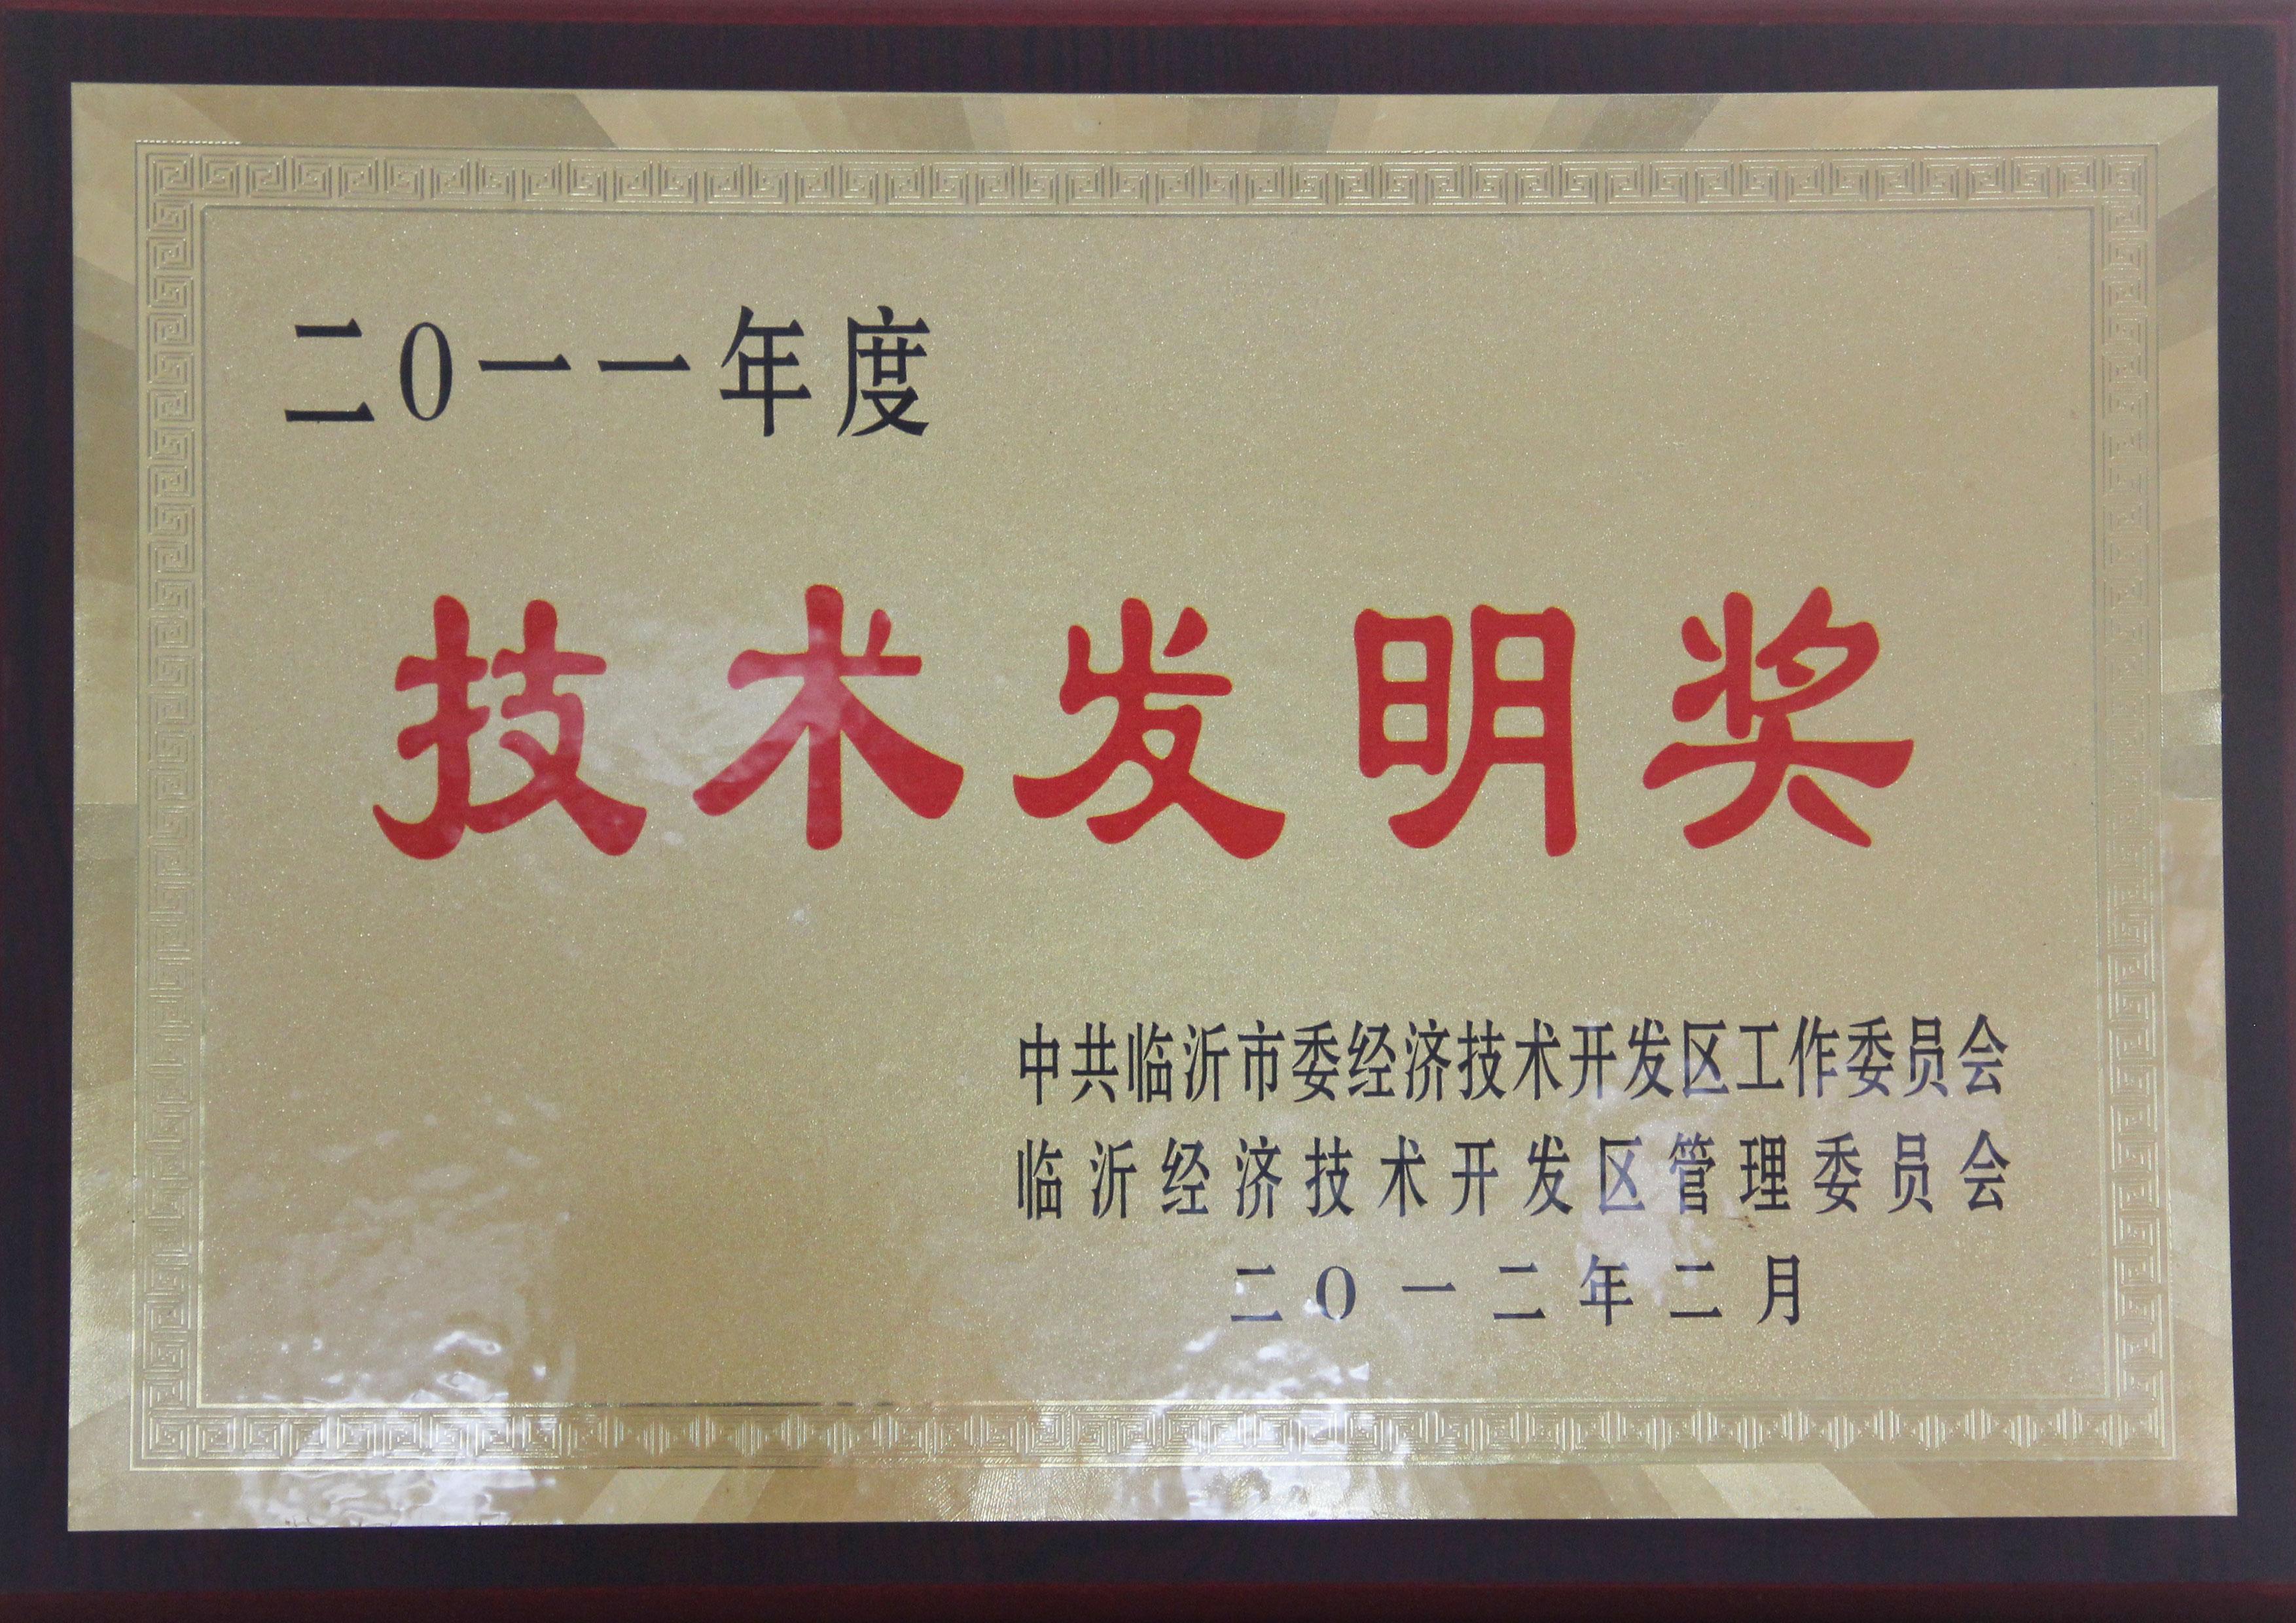 主题:2011年度技术发明奖 日期:2013-07-05